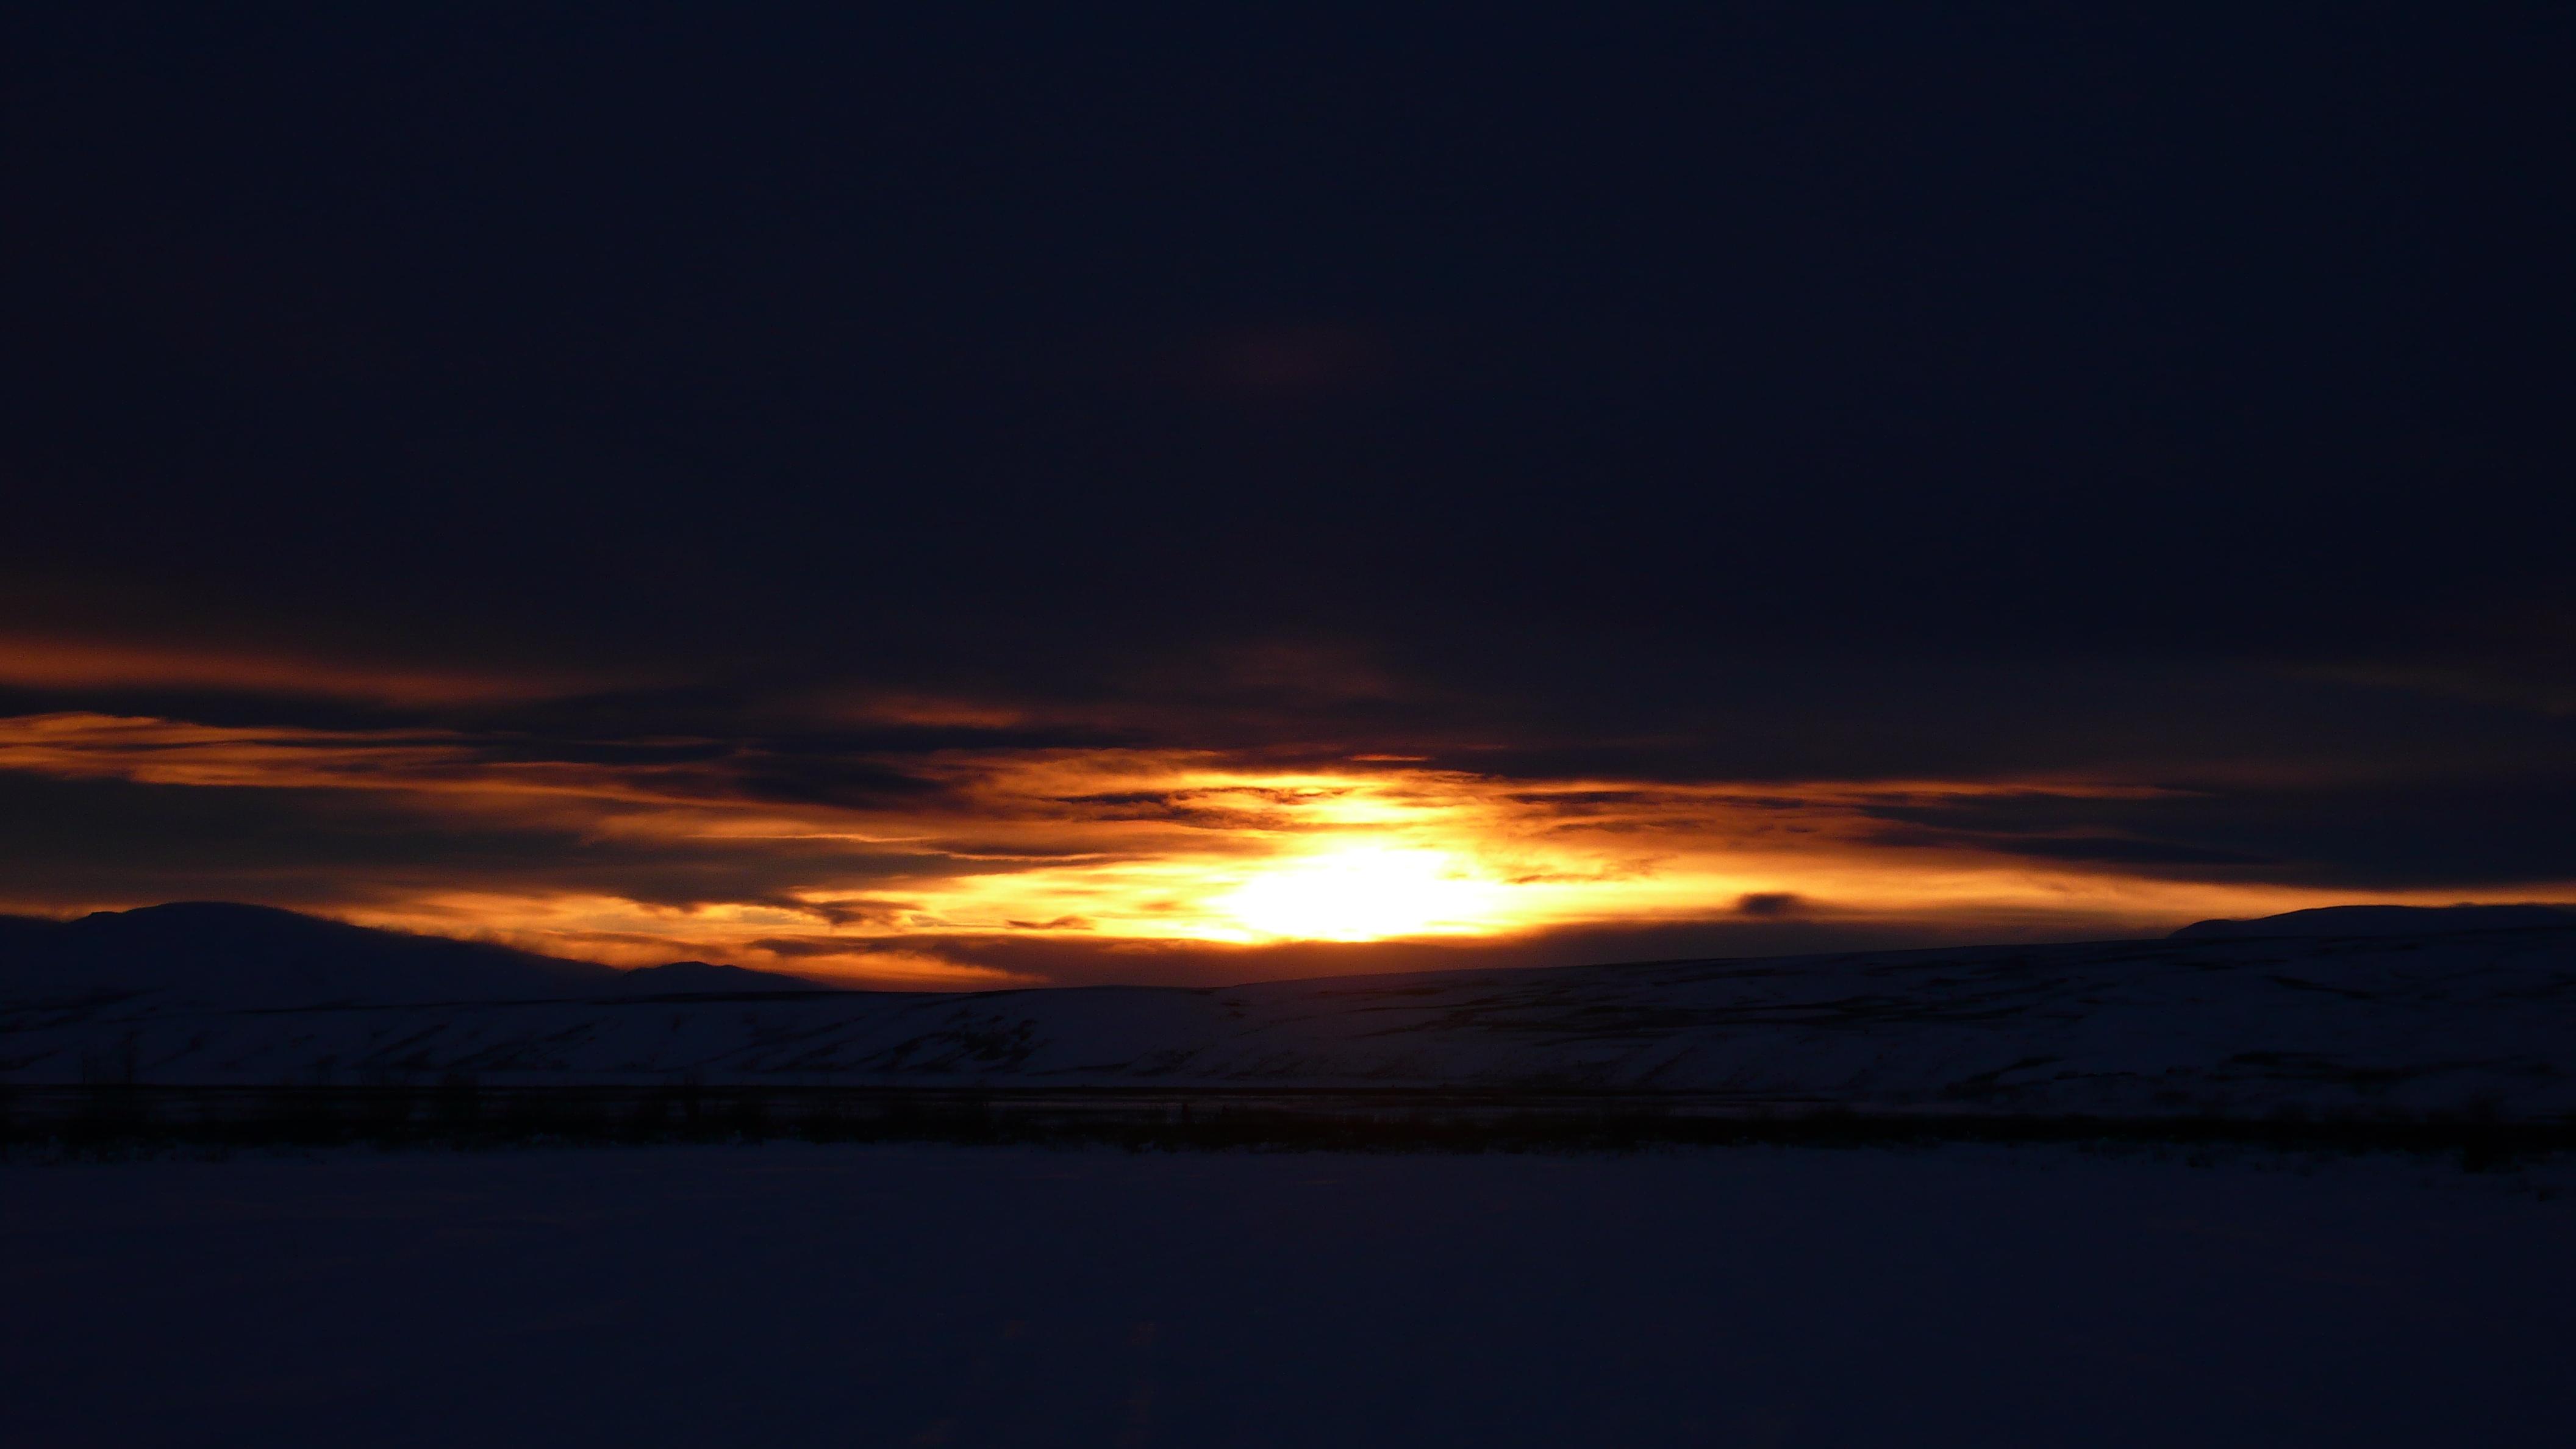 Sunset in summit